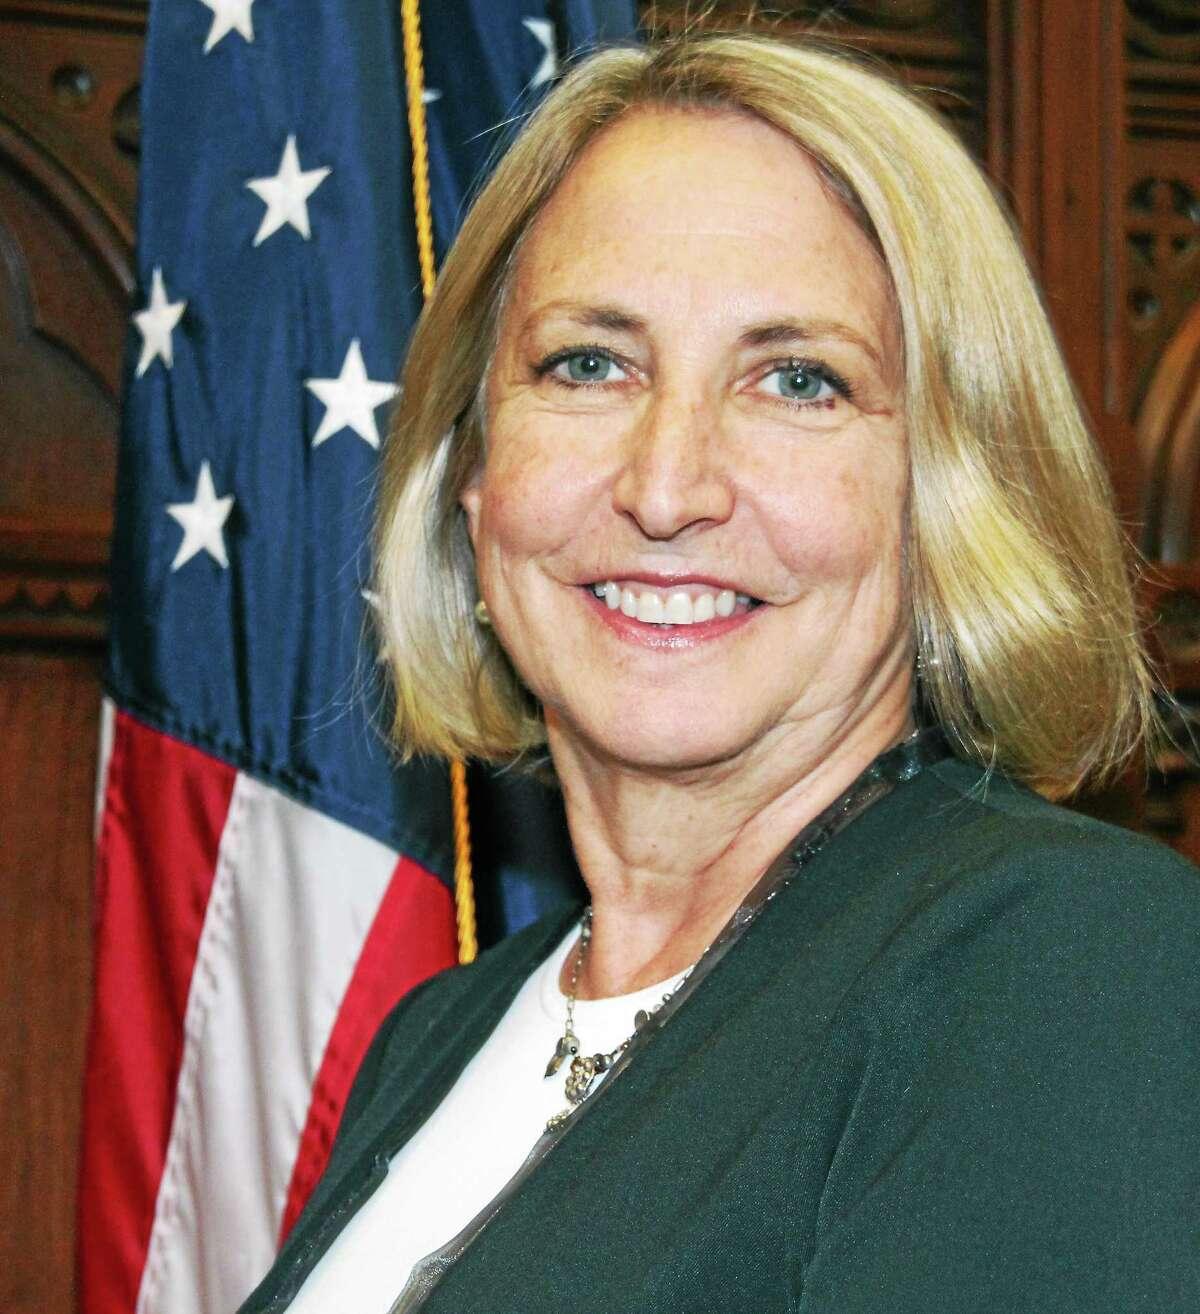 State Rep. Roberta Willis.